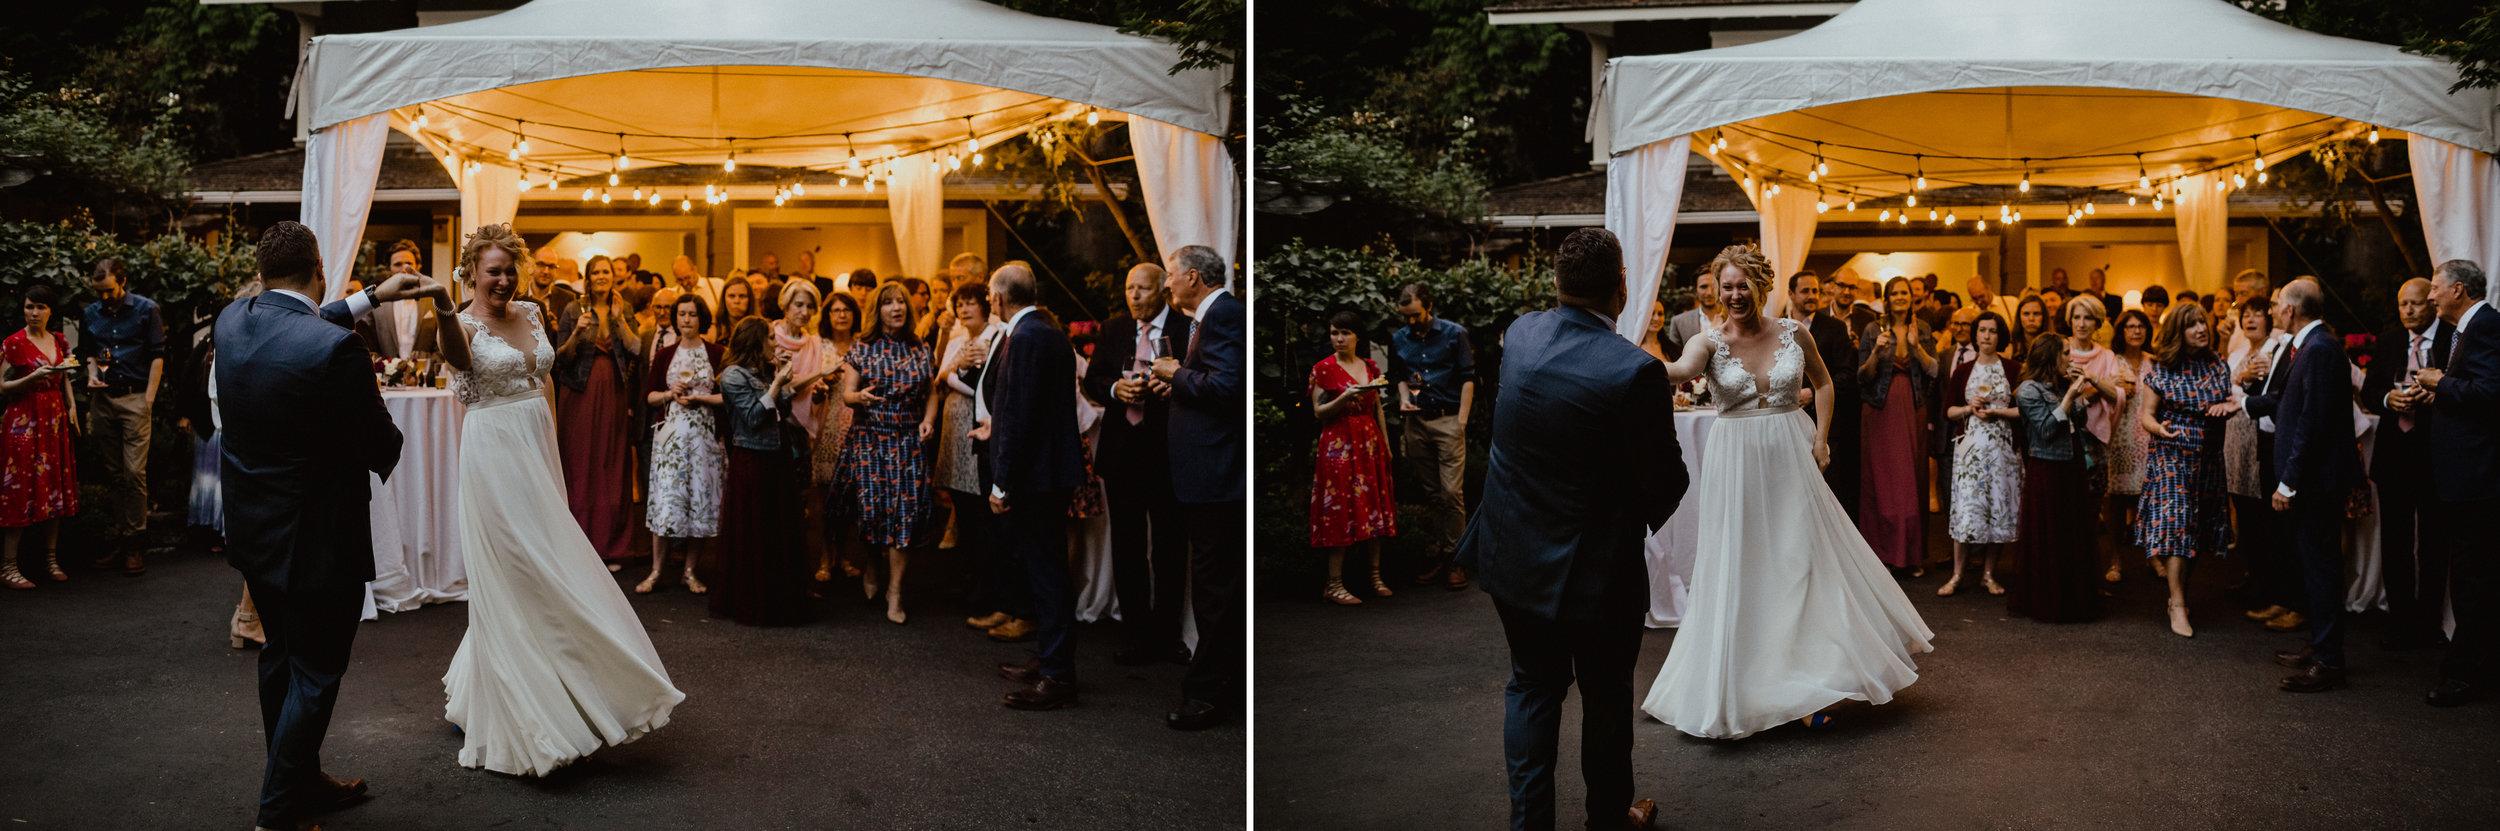 west-vancouver-backyard-wedding-285.jpg